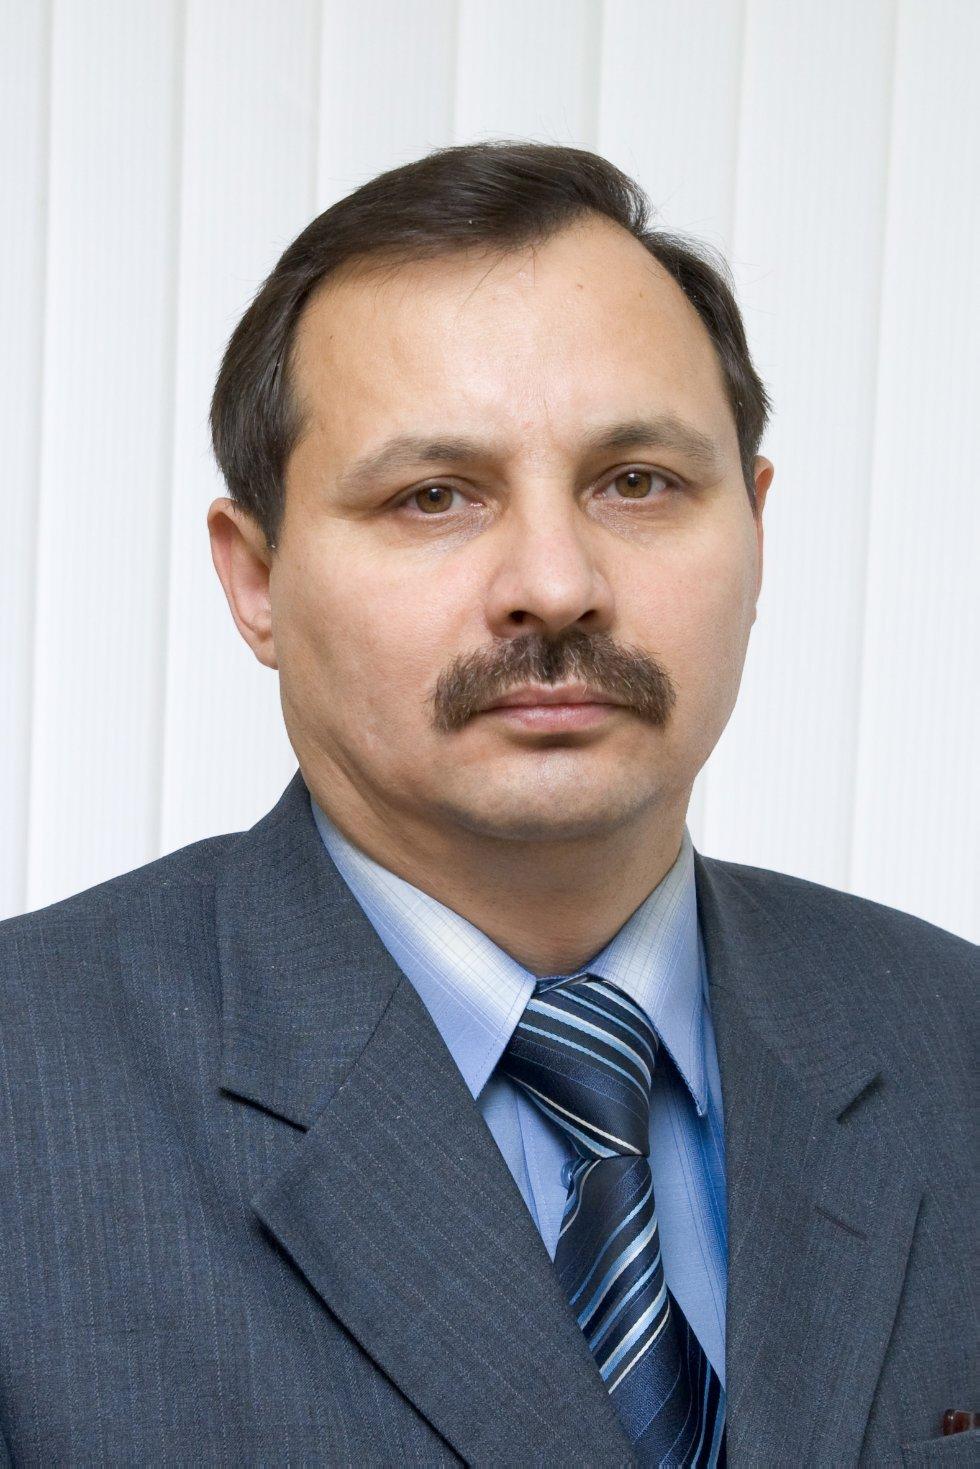 Гимадеев Минахмет Минхайдарович